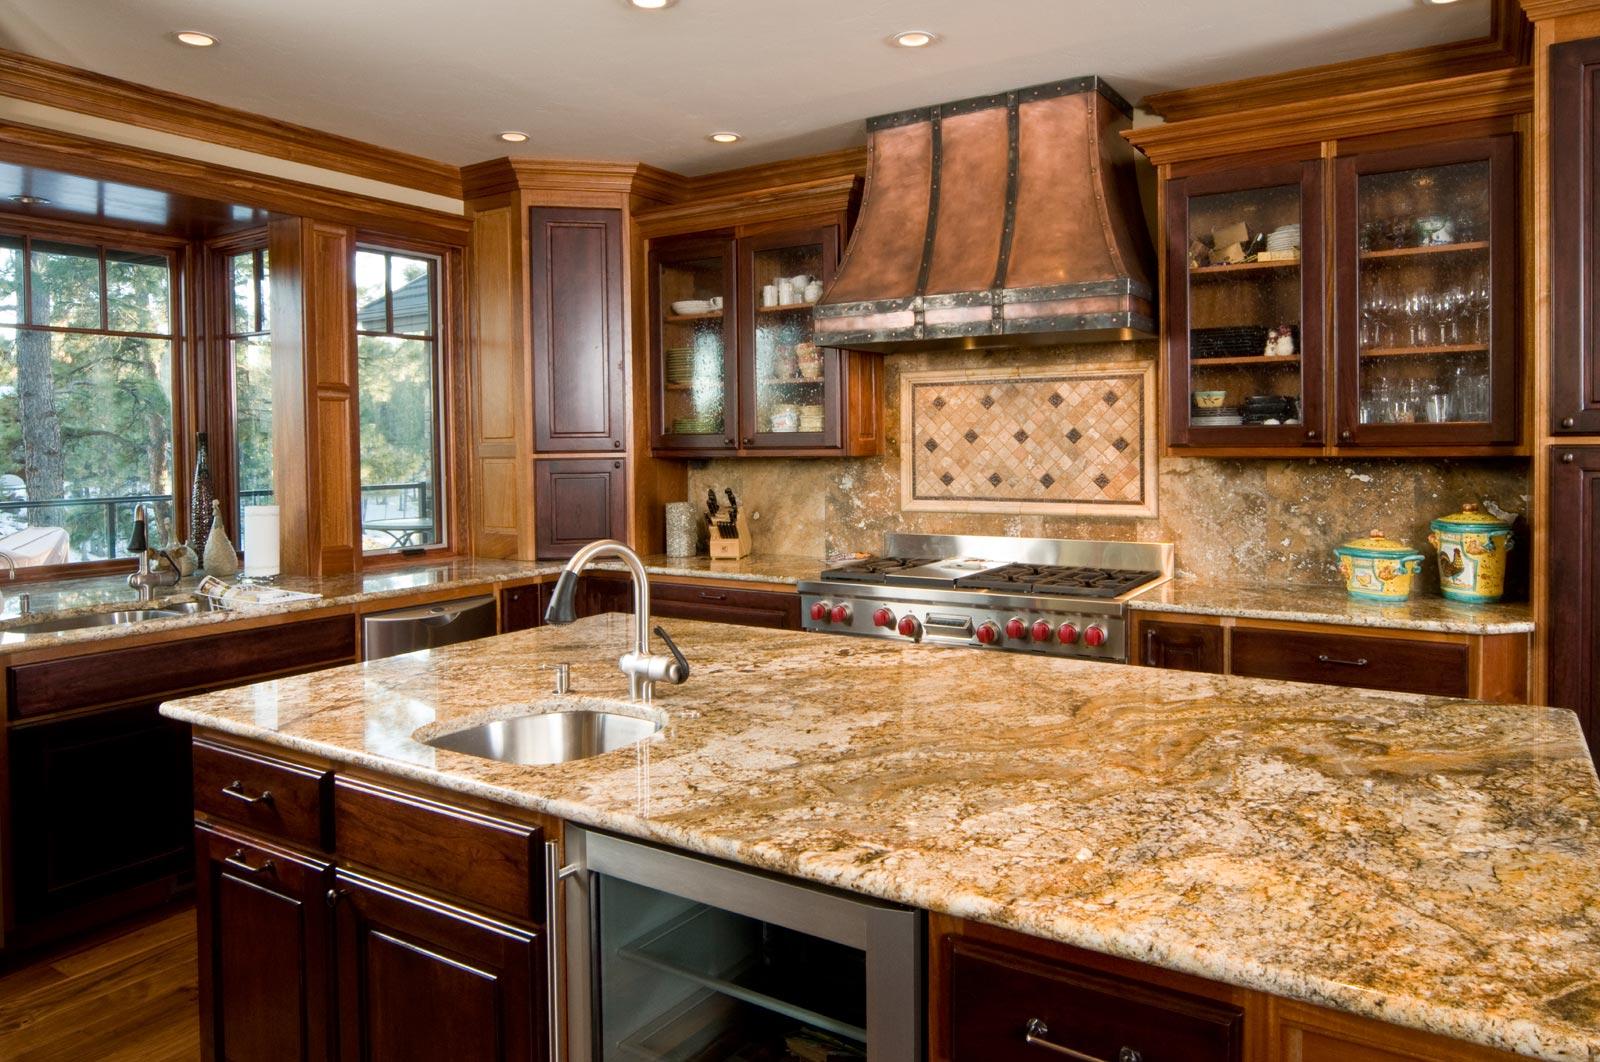 granite kitchen cabinets escob hotelgaudimedellin co rh escob hotelgaudimedellin co kitchen cabinets and countertops designs dark kitchen cabinets countertop ideas